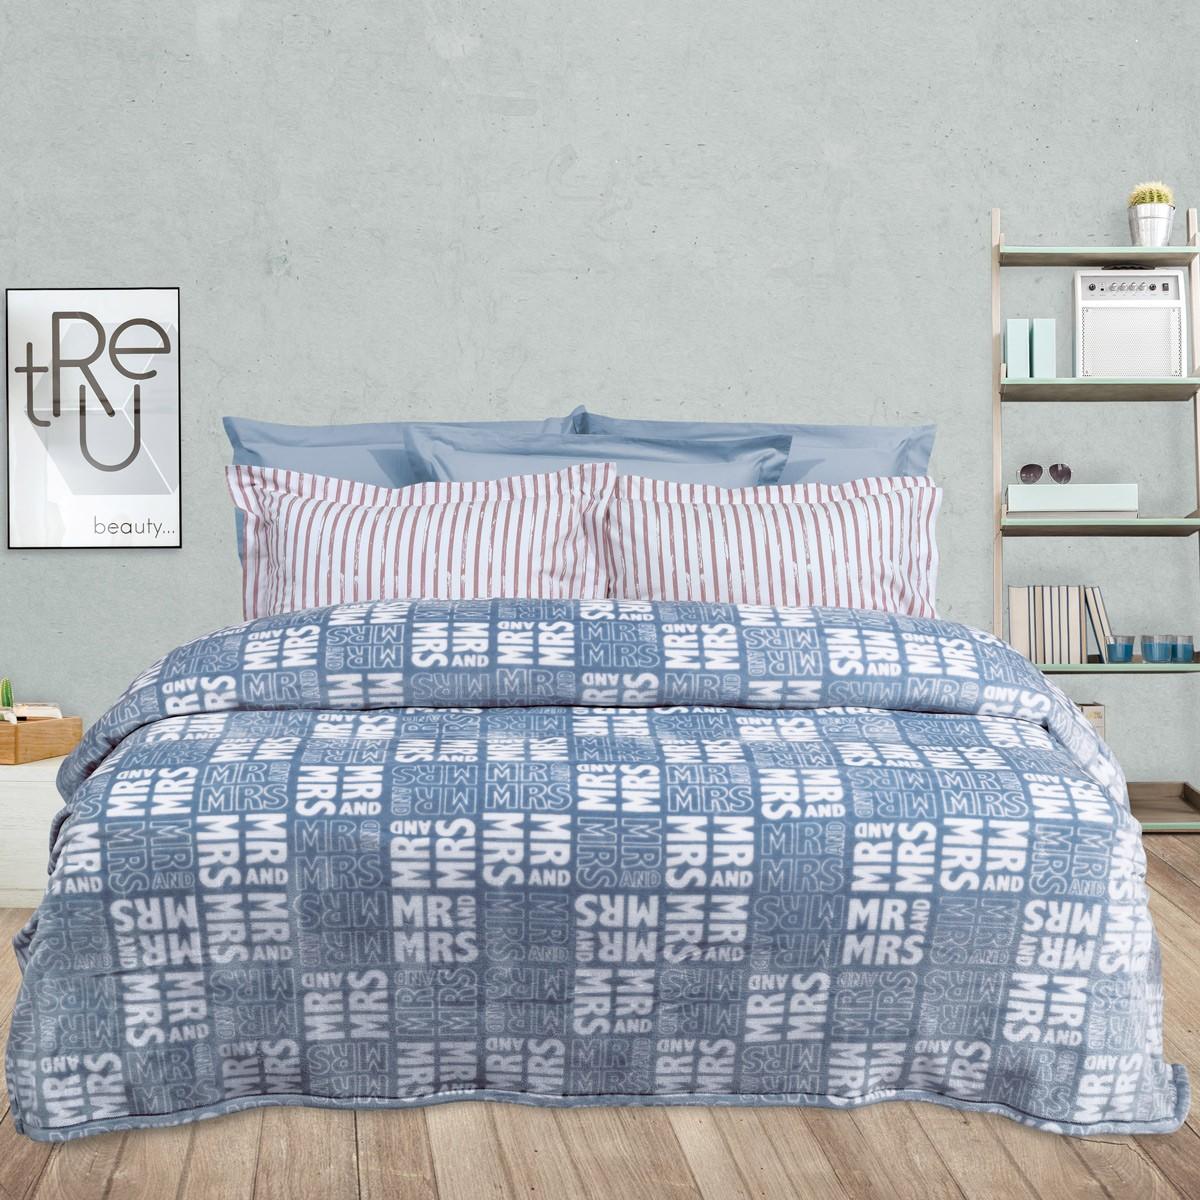 Κουβέρτα Fleece Υπέρδιπλη Das Home Blanket Line Prints 399 home   κρεβατοκάμαρα   κουβέρτες   κουβέρτες fleece υπέρδιπλες